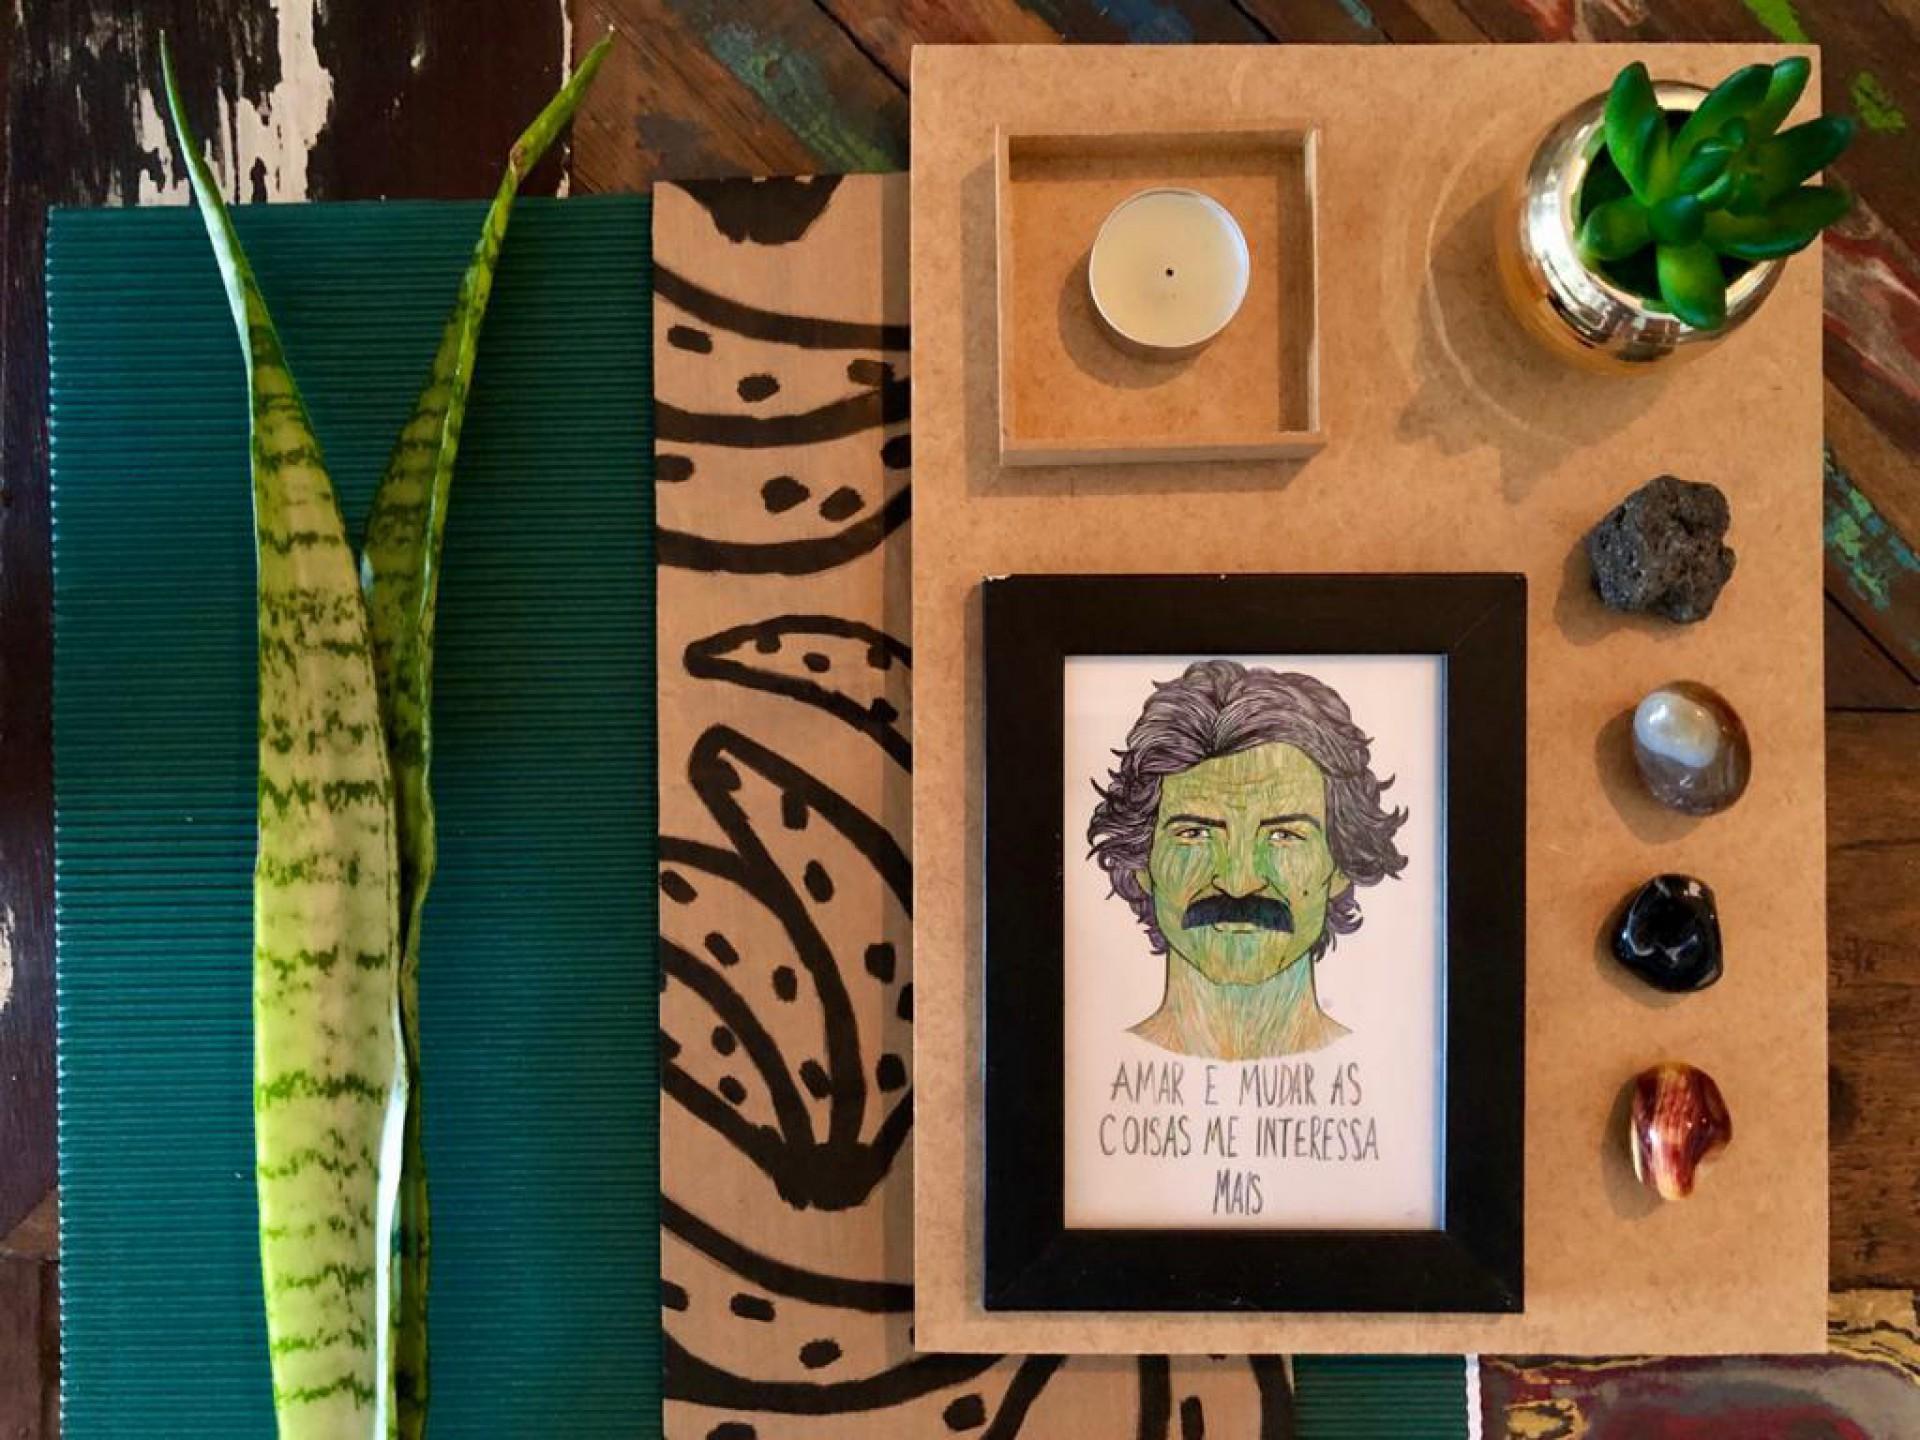 Objetos que traduzem nossa essência pela casa promovem sensação de bem-estar. No registro cedido pela arquiteta Liana Feingold: plantas, quadrinho, velas, pedras e cristais